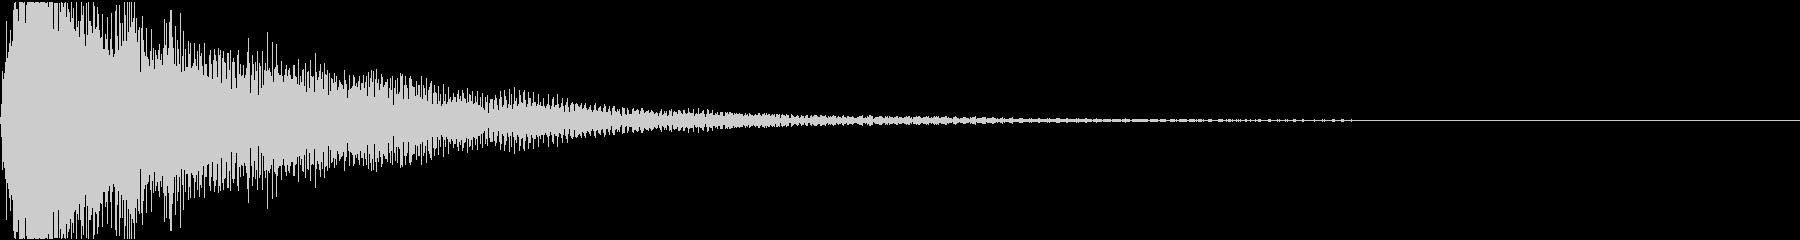 ラ単音のオーケストラルヒットの未再生の波形